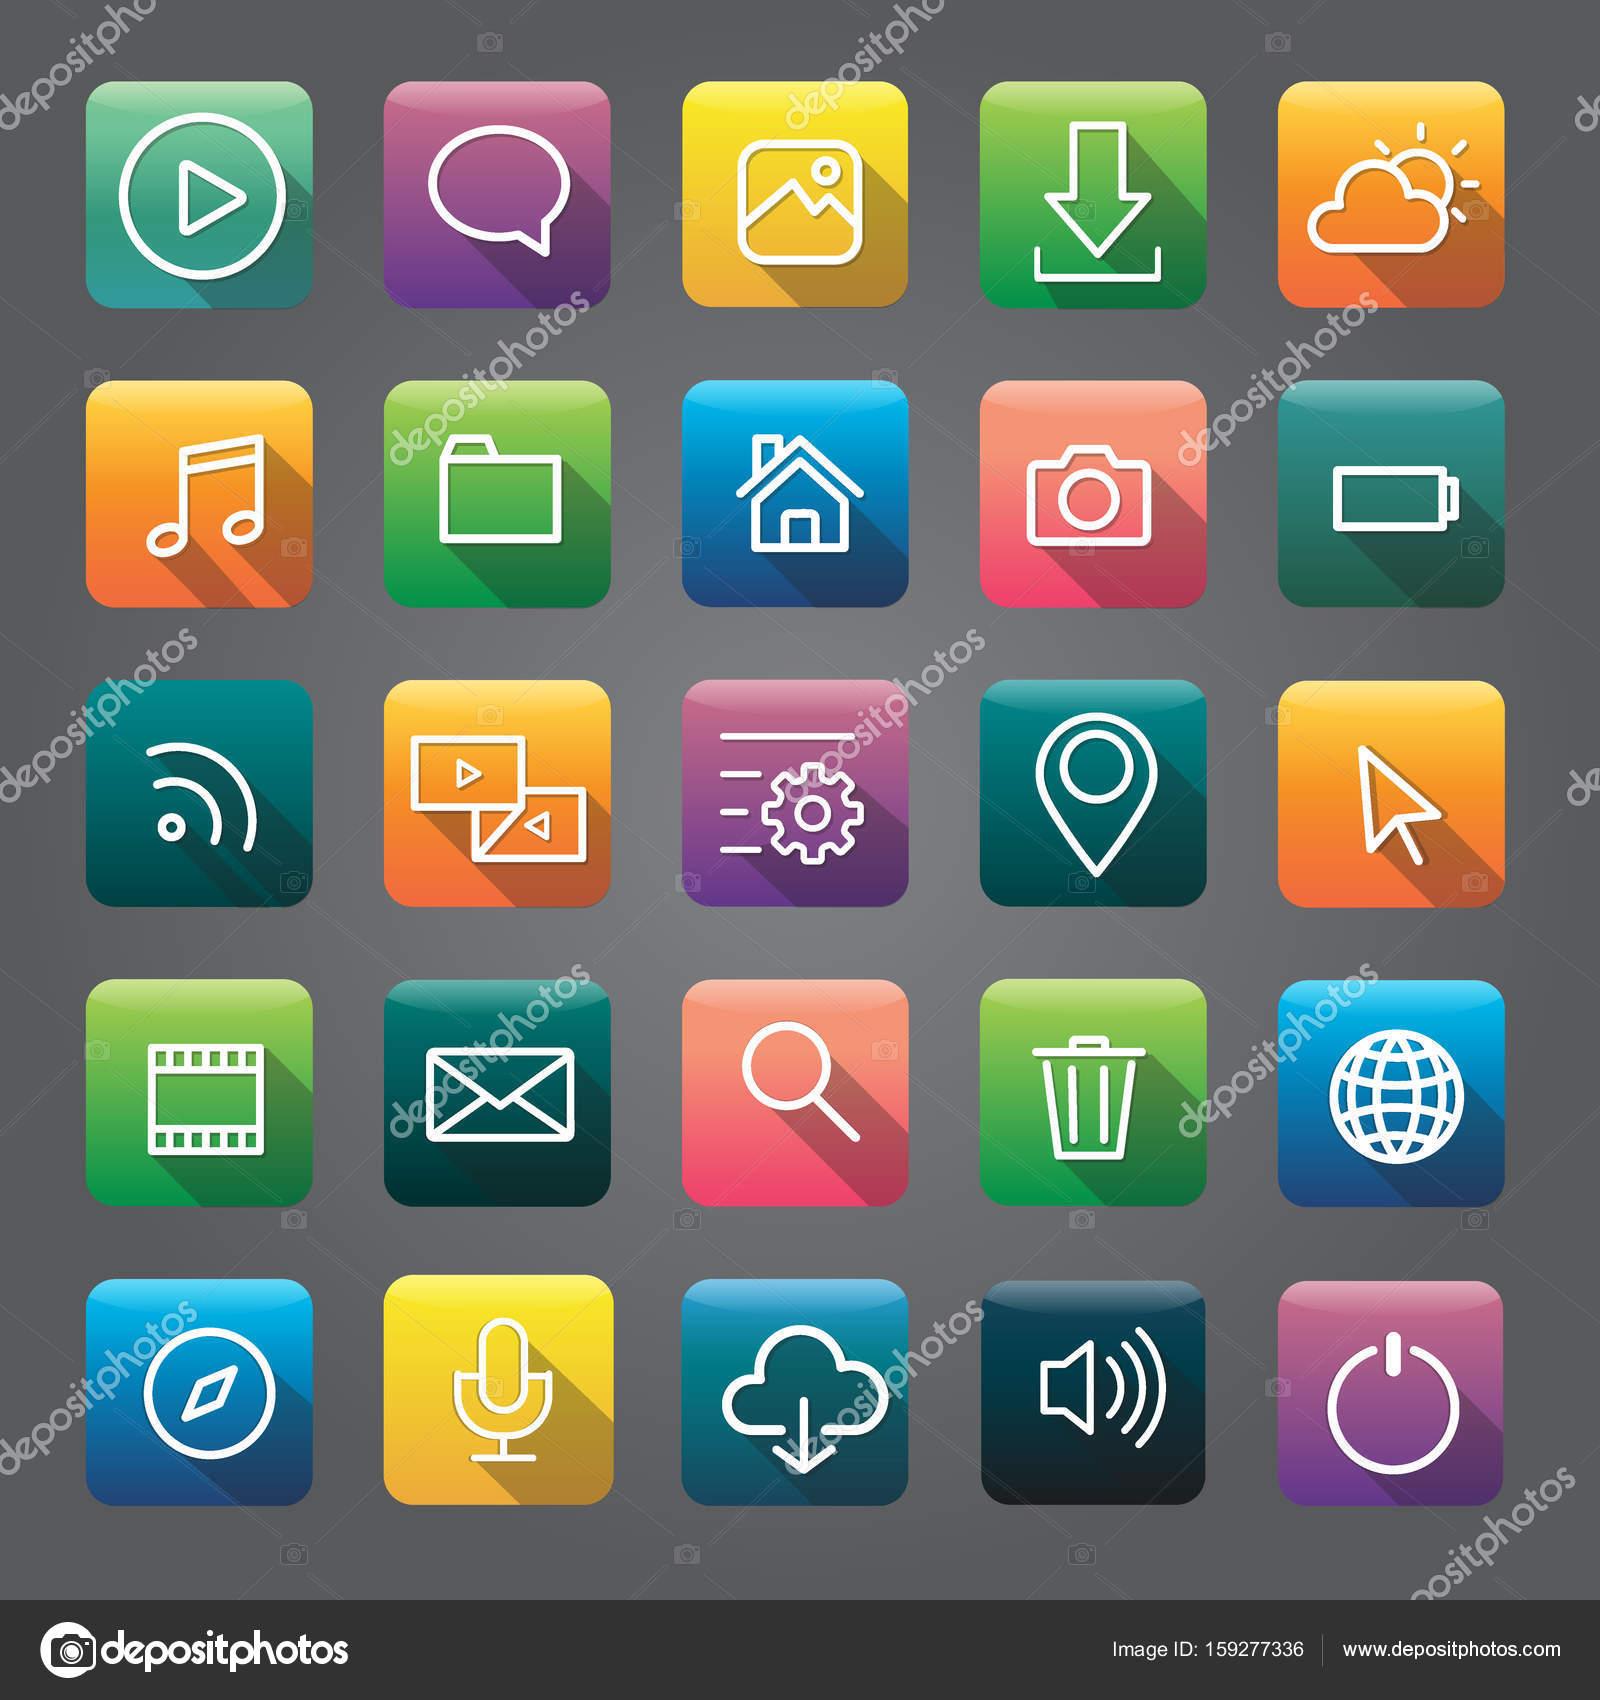 Скачать иконки приложений для телефона программа для тренажерного зала скачать